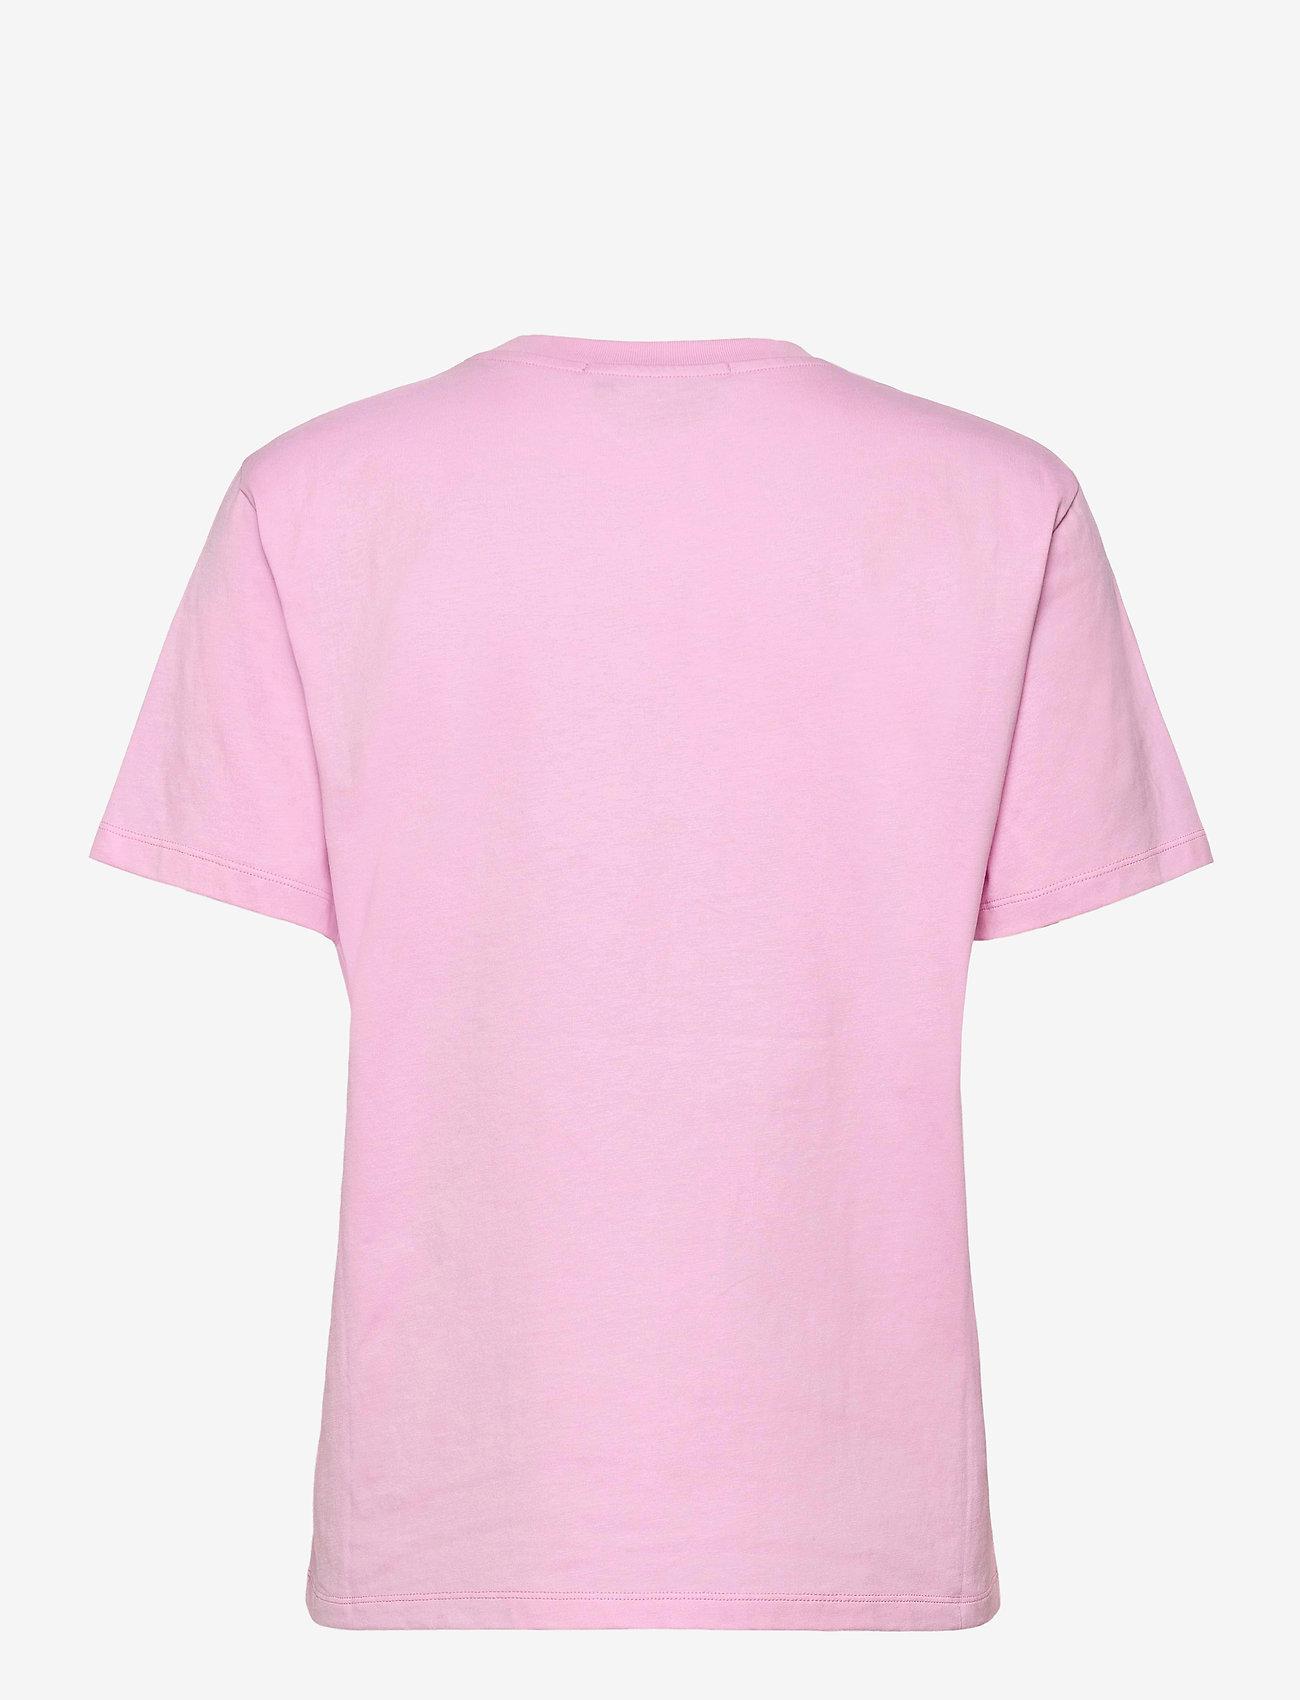 MSGM - T-SHIRT/T-SHIRT - t-shirts - pink - 1